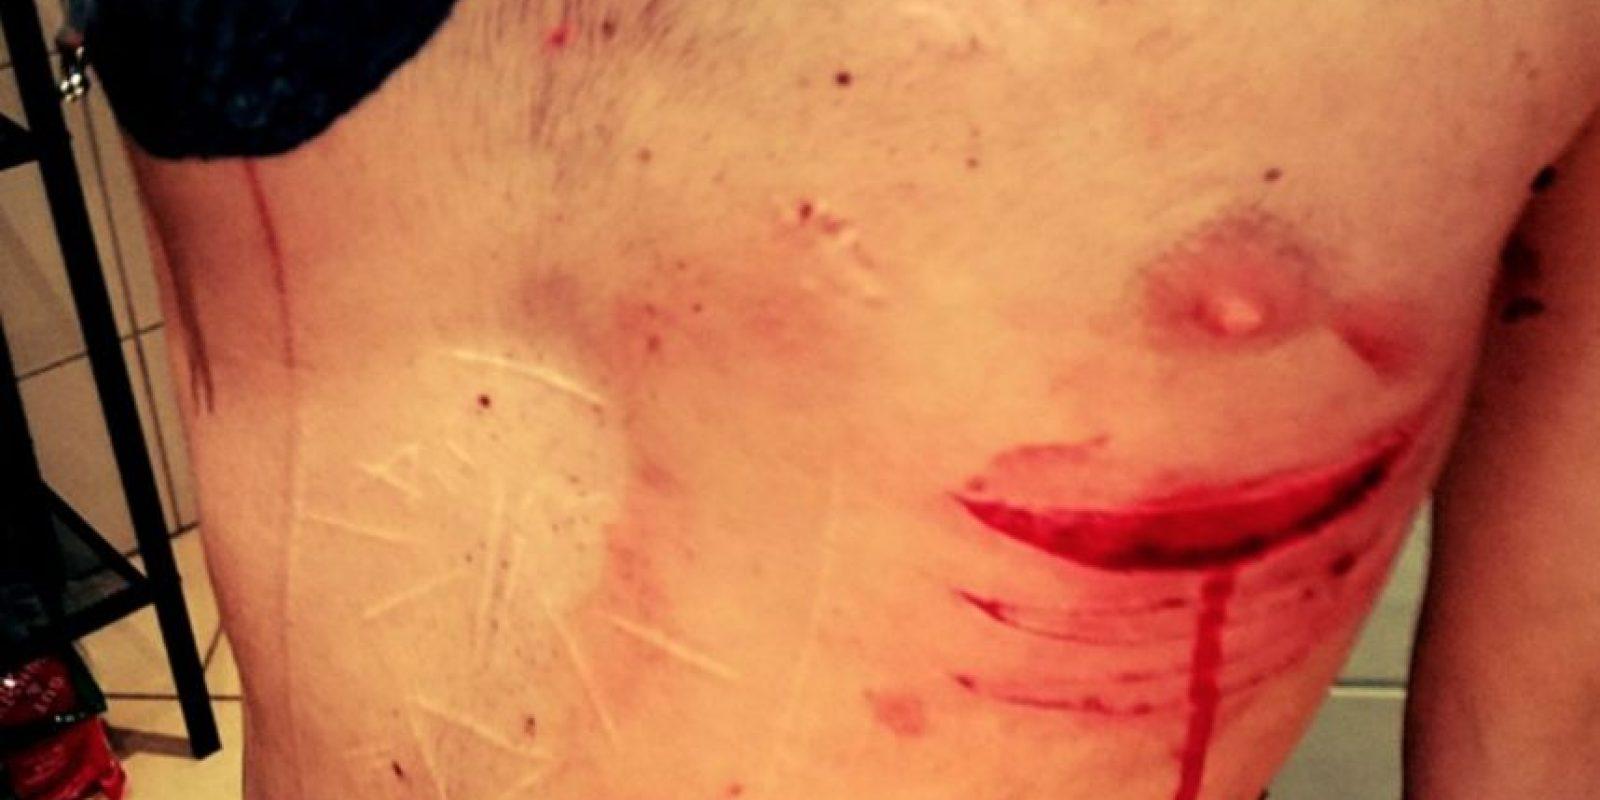 Y las cicatrices. Foto:vía Facebook/Joel Patric. Imagen Por: